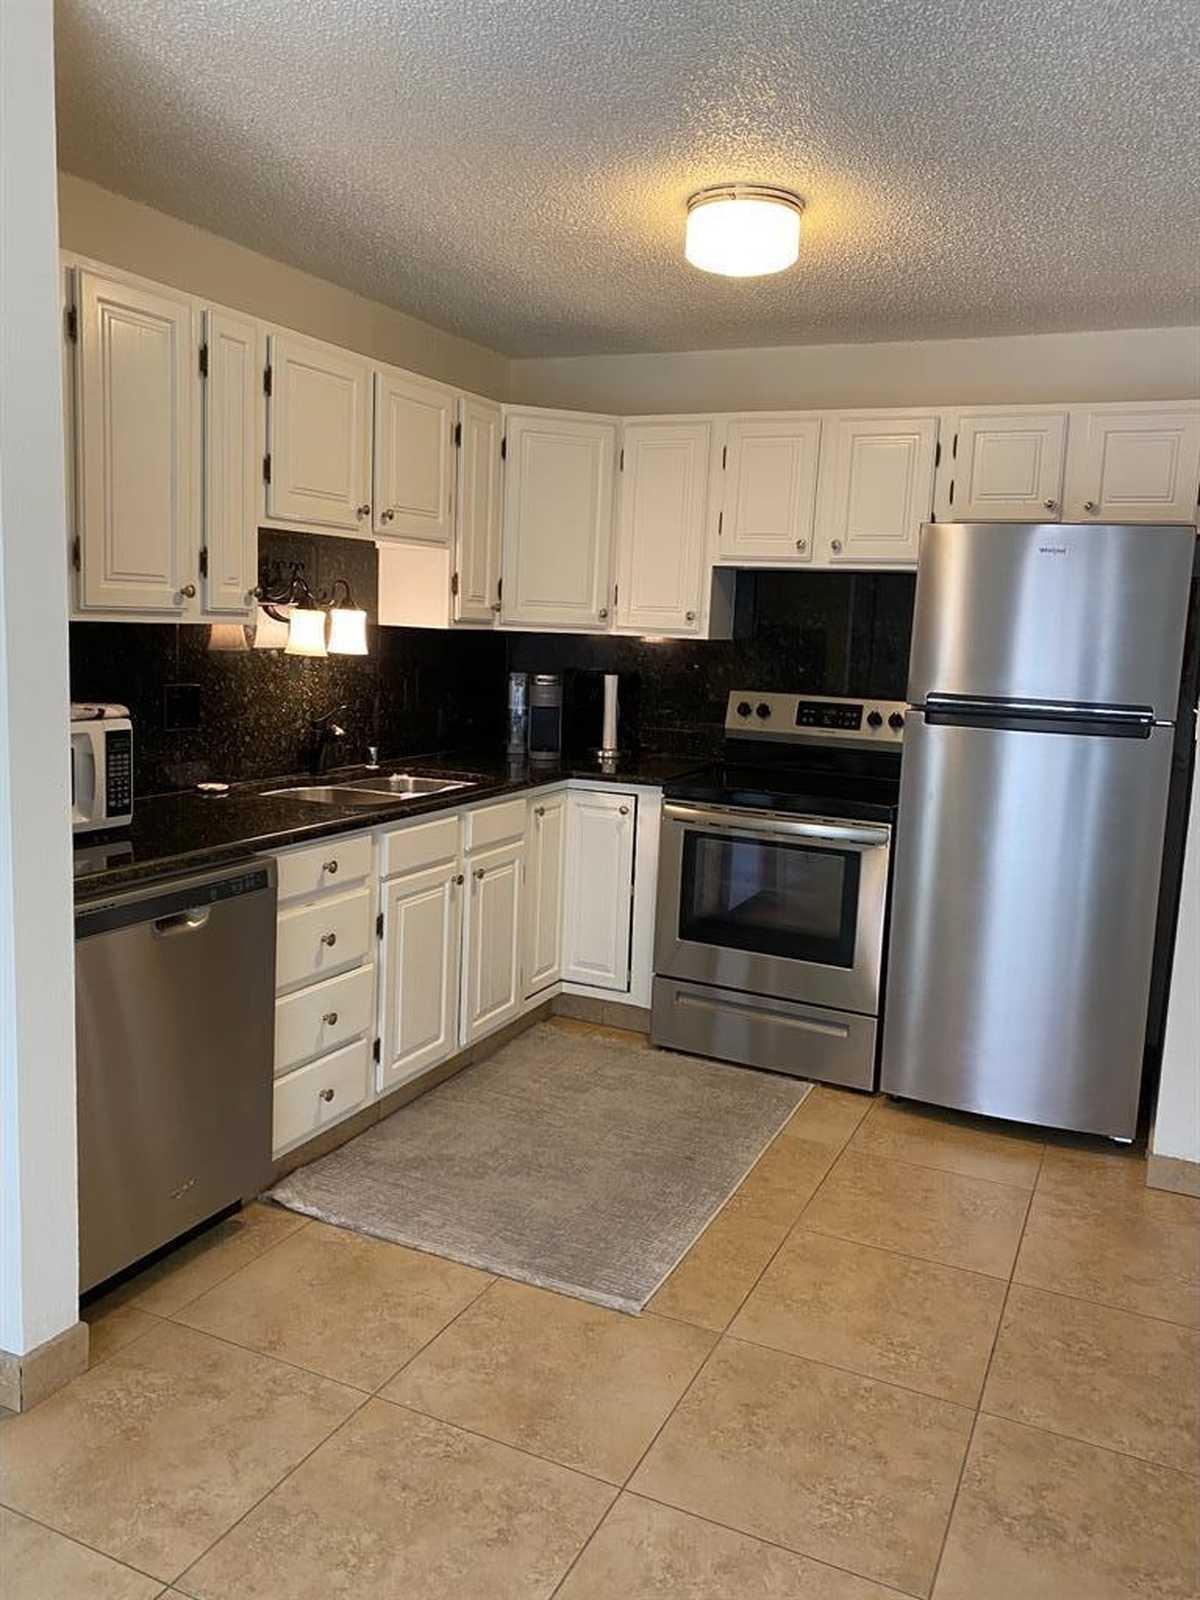 $265,000 - 2Br/1Ba -  for Sale in Hacienda Cordov, Santa Fe